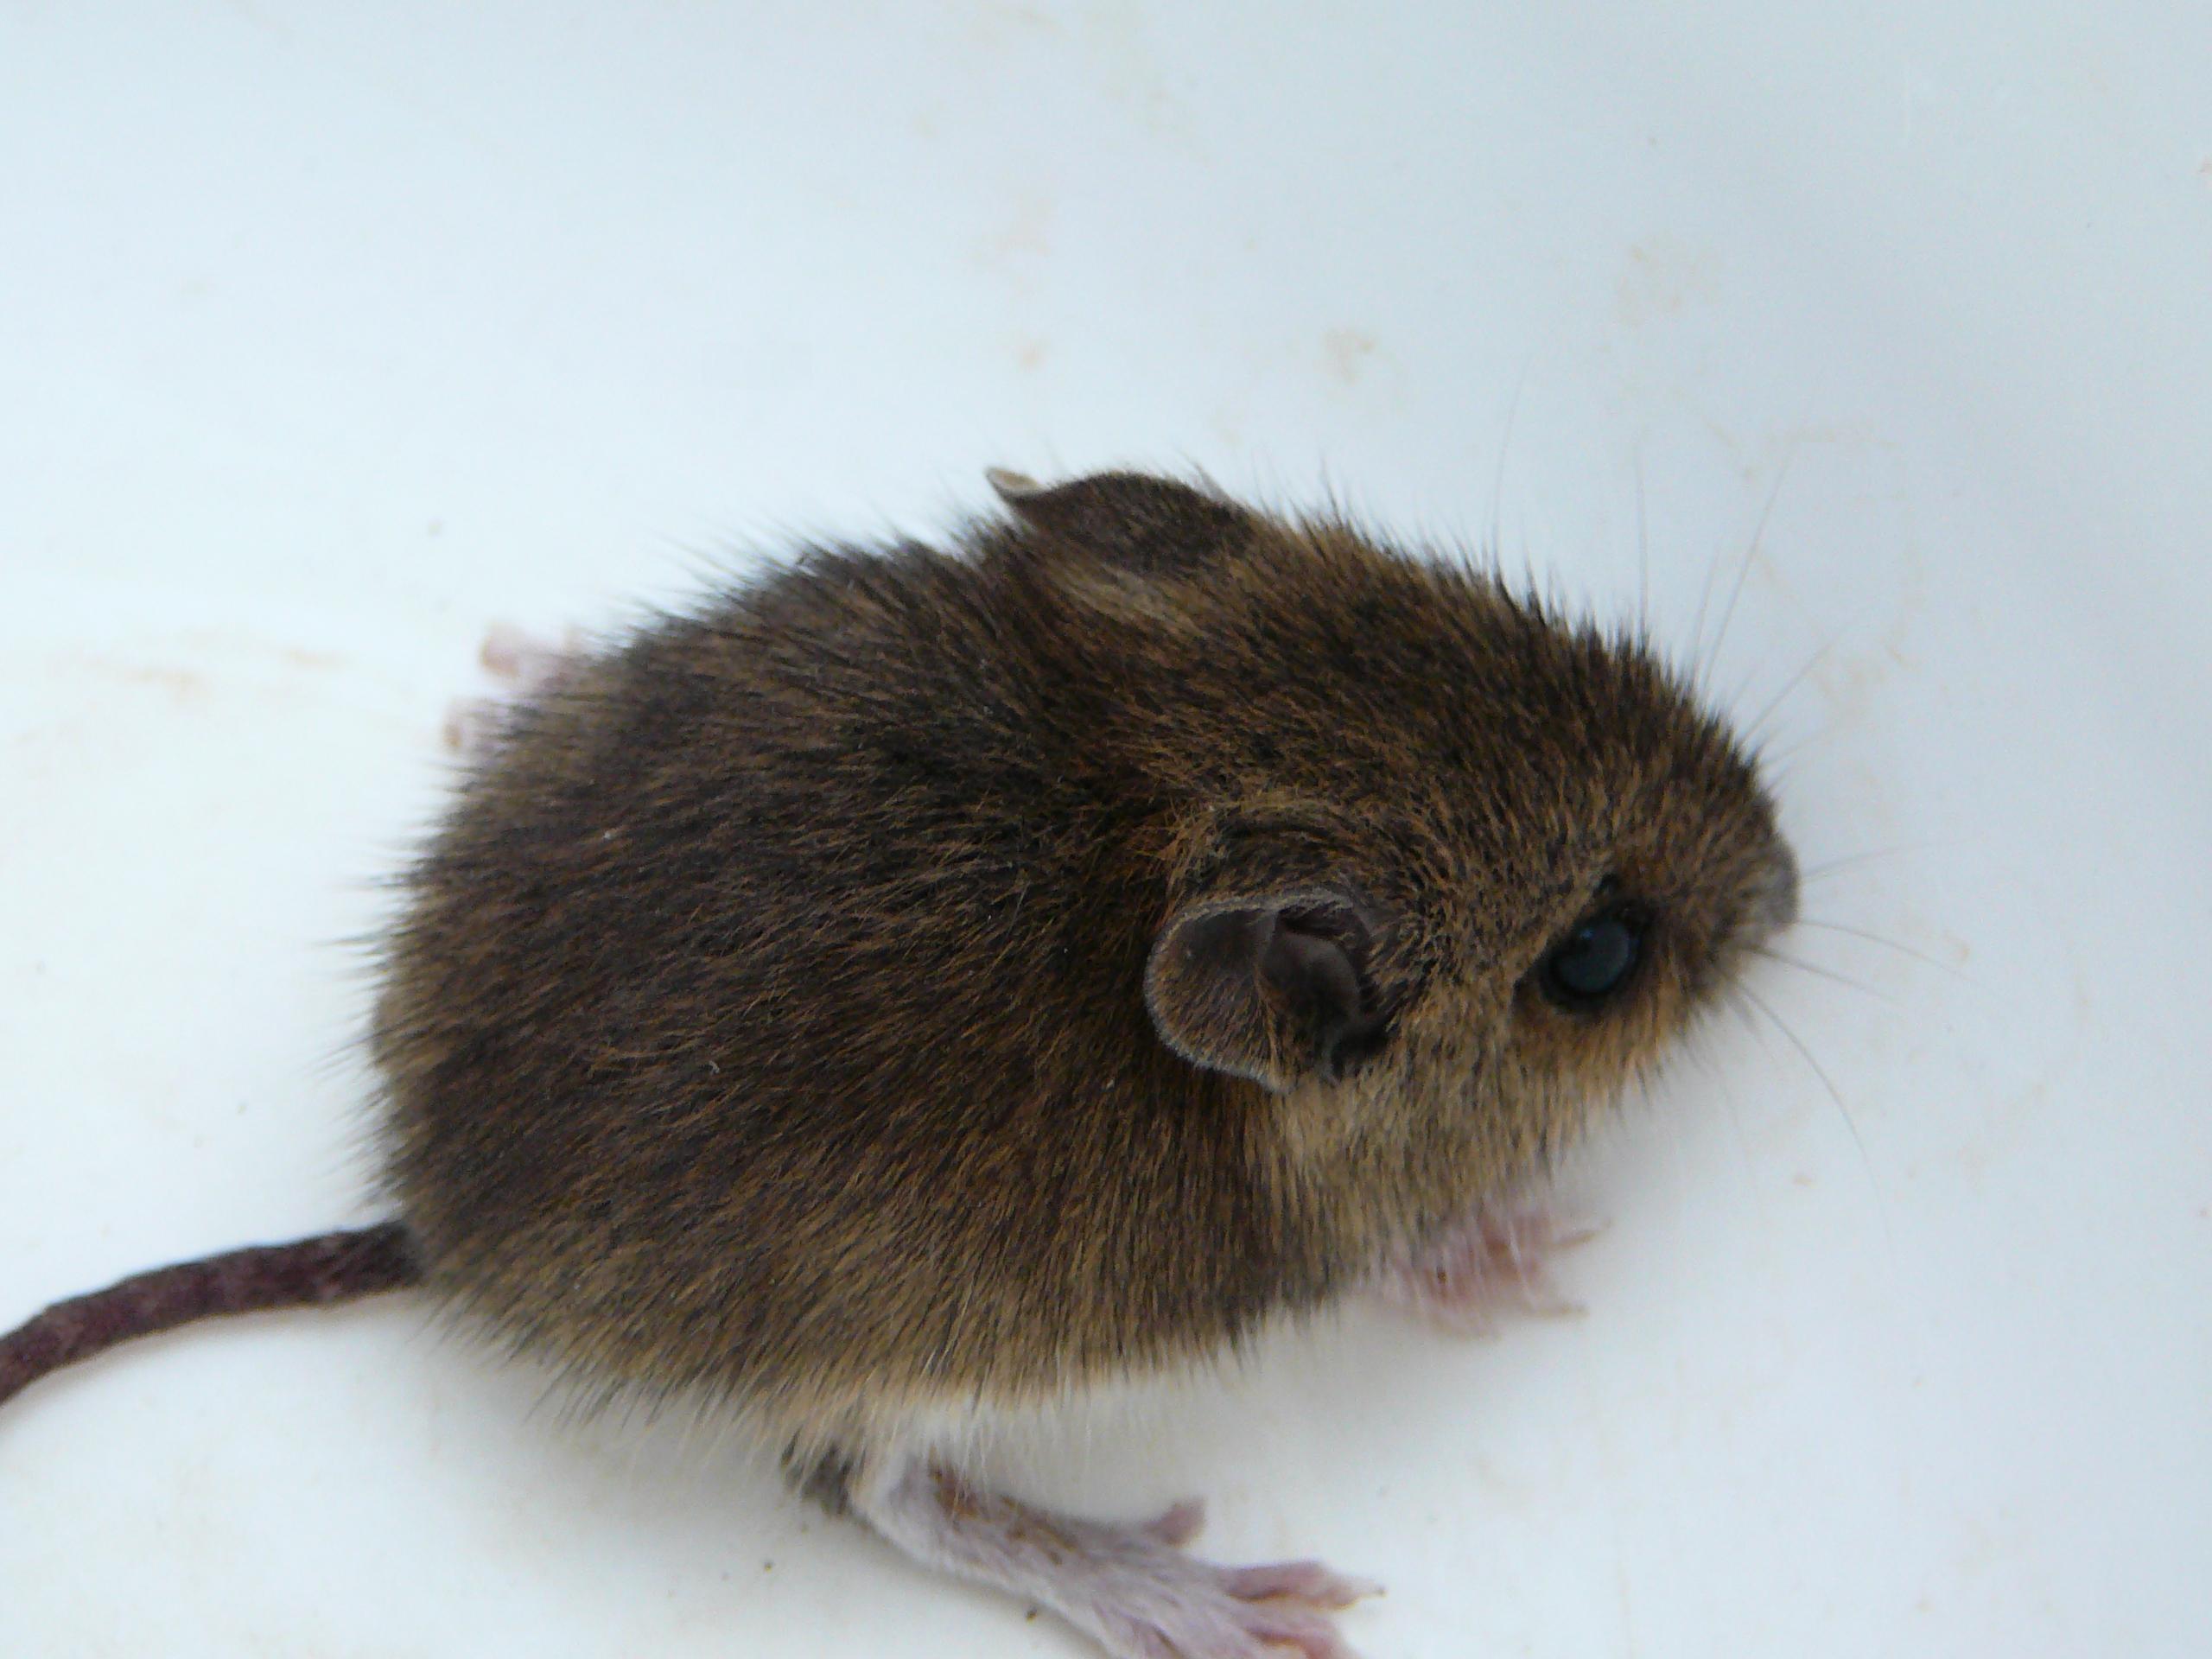 File:Junge Maus 003 komp.JPG - Wikimedia Commons